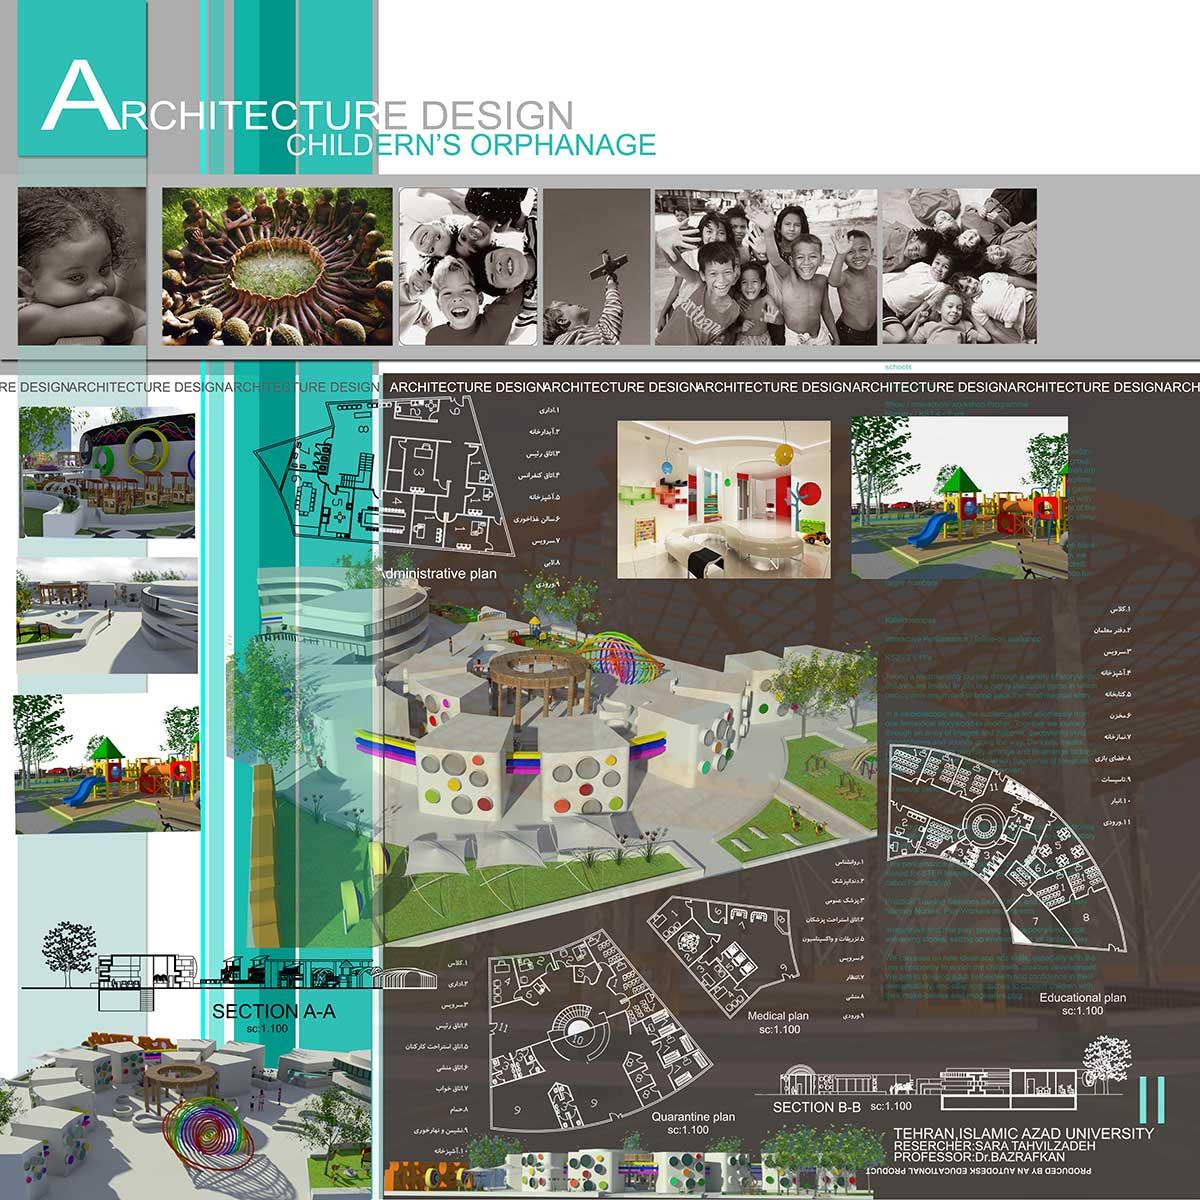 دانلود پروژه معماری مهد کودک (۱)